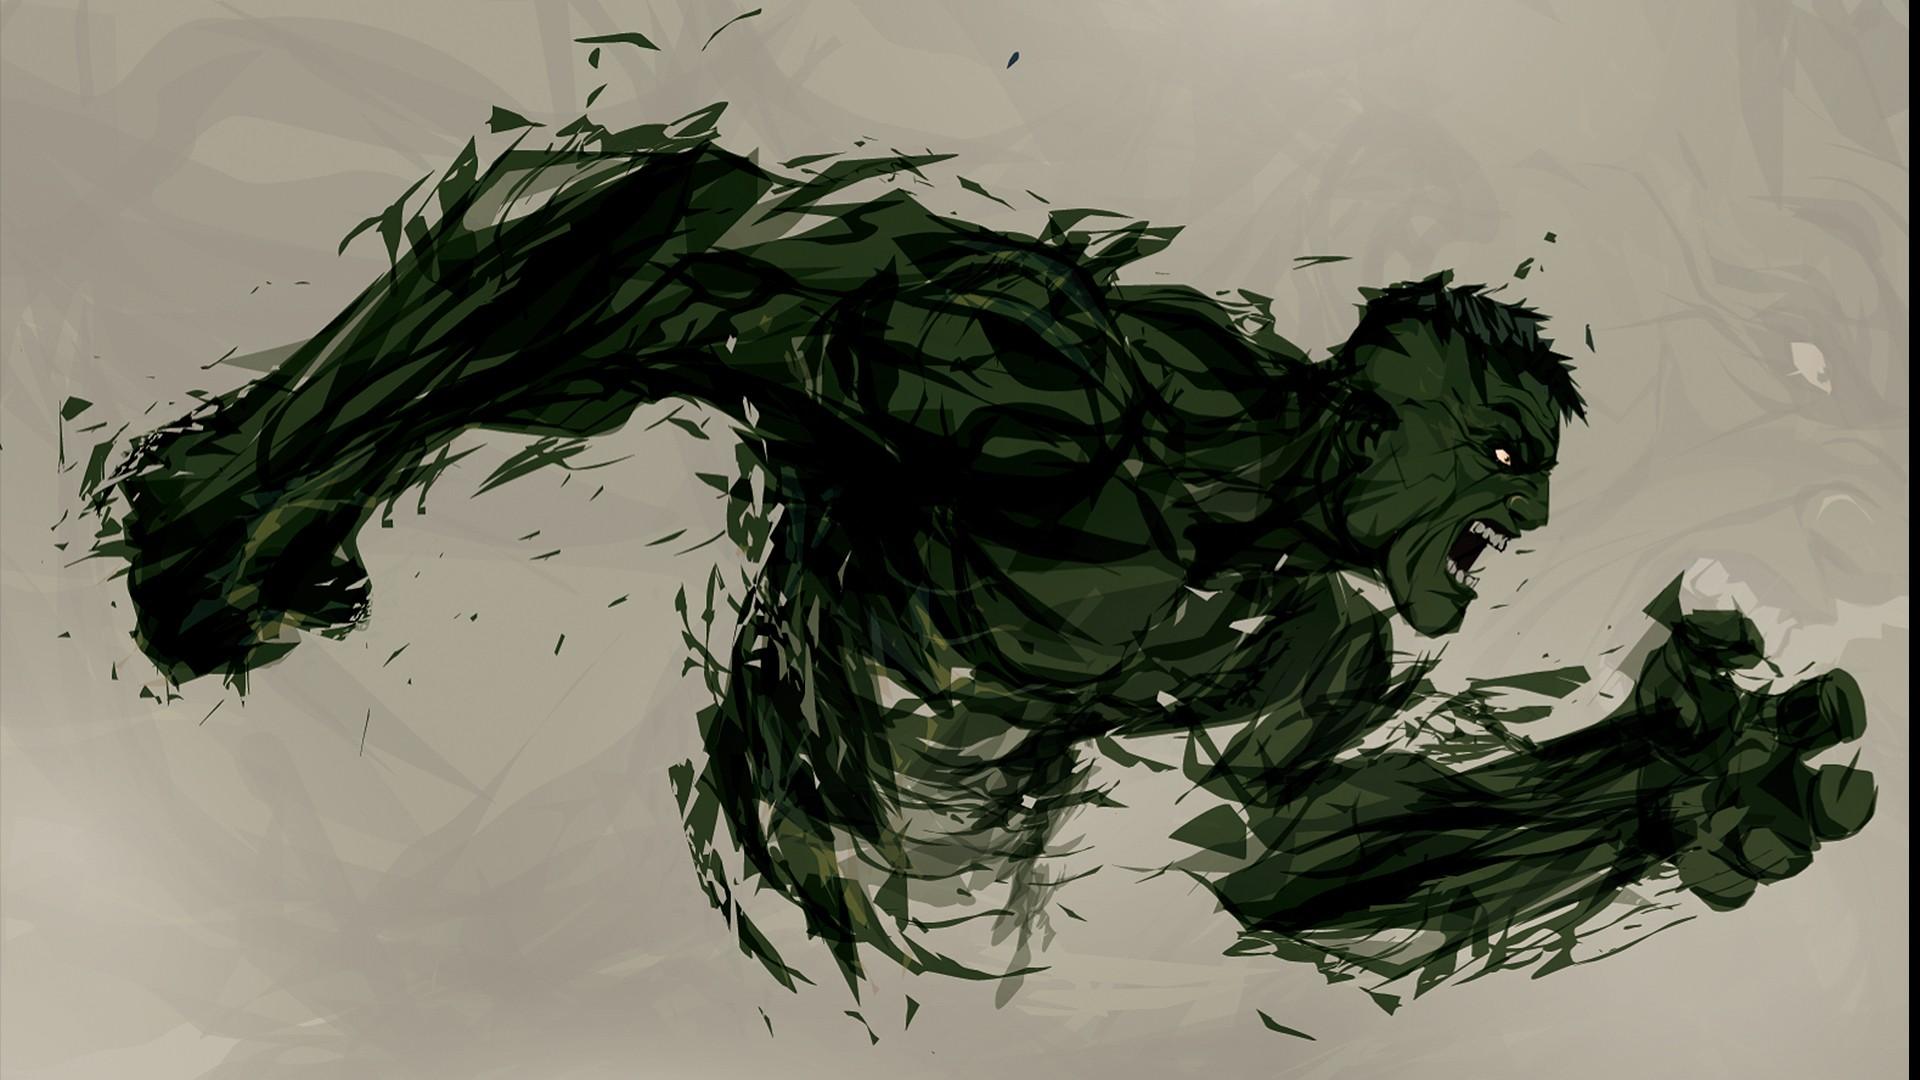 Hulk Wallpapers HD 1920x1080